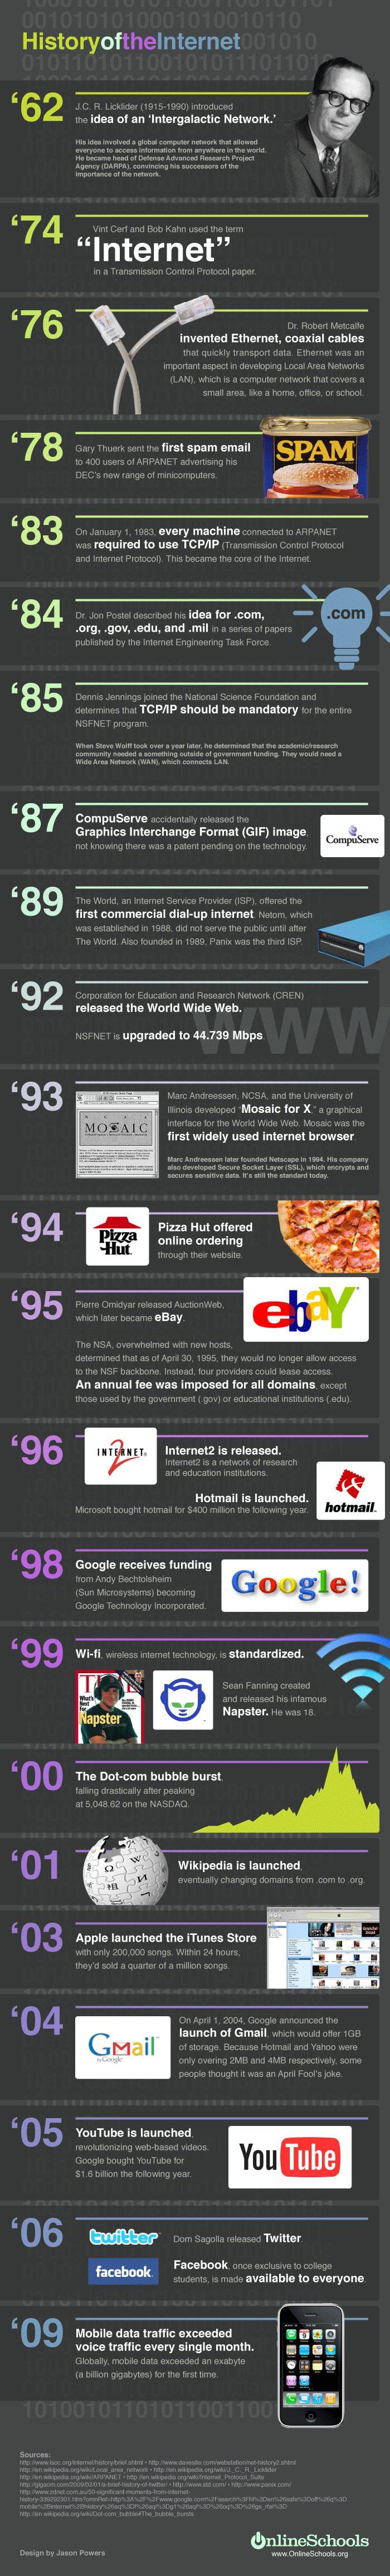 L'histoire d'internet en bref - Adéquation07